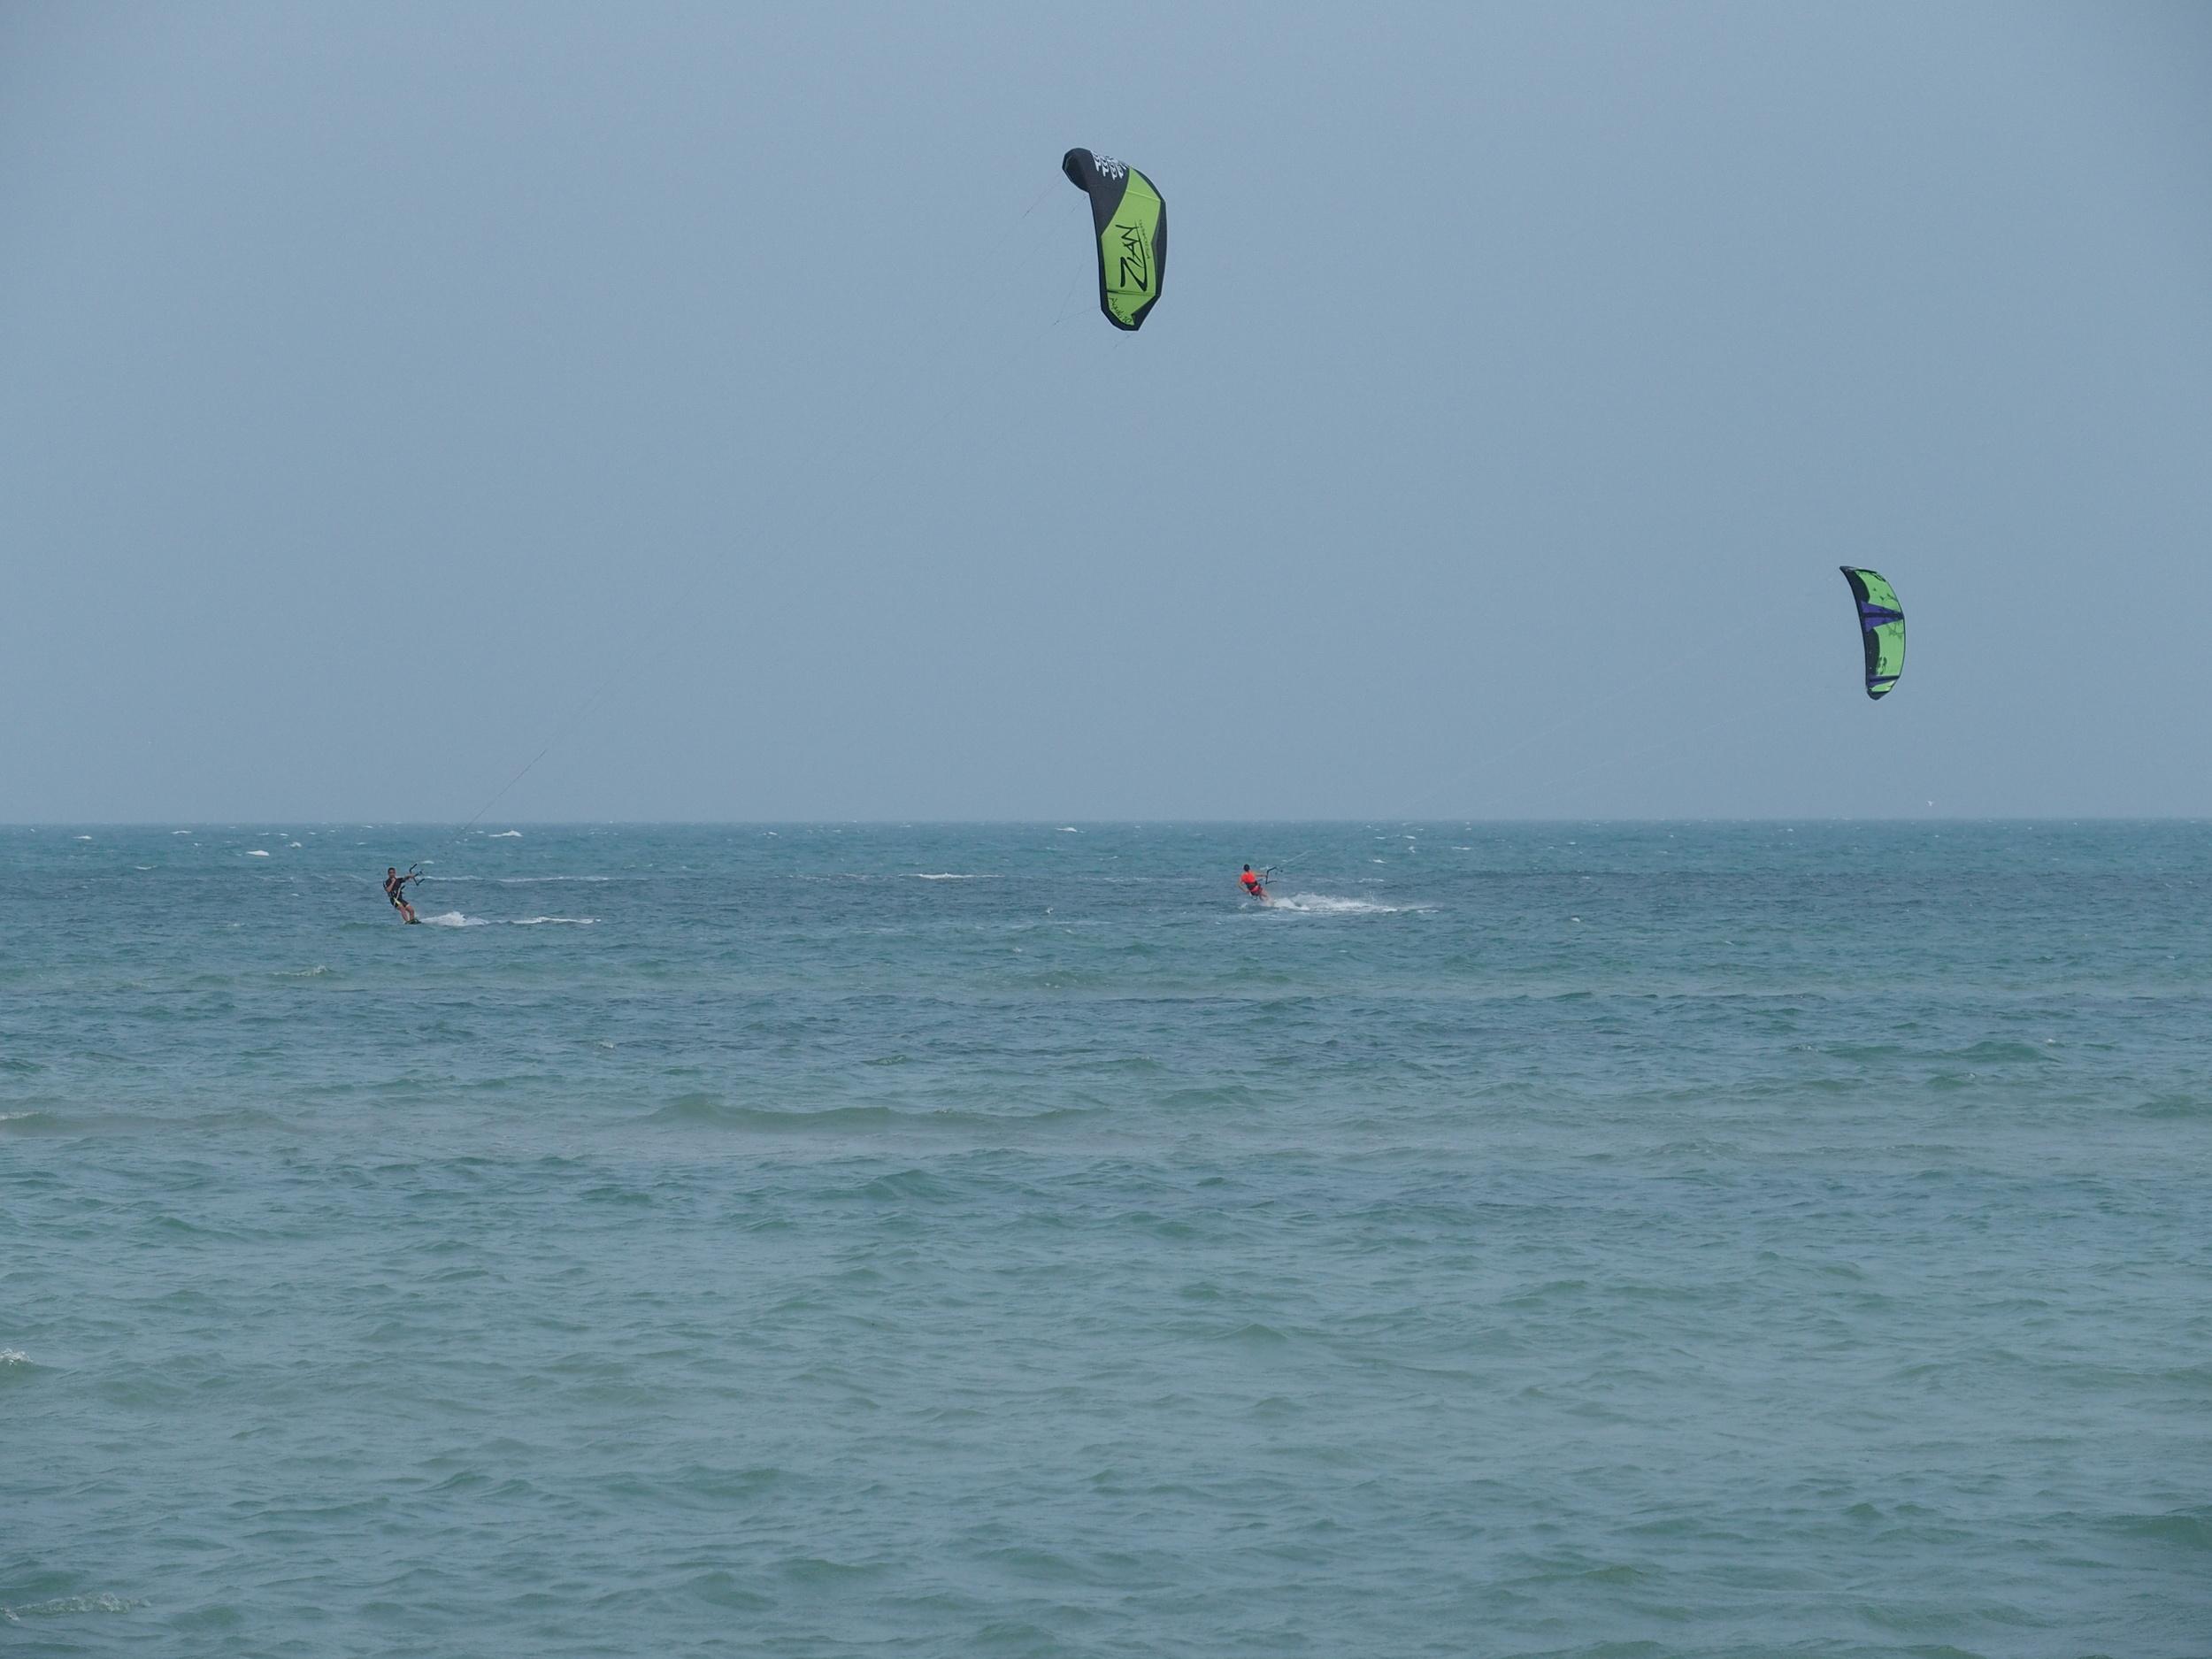 Kiteboarding in India, learn & progress in the sport